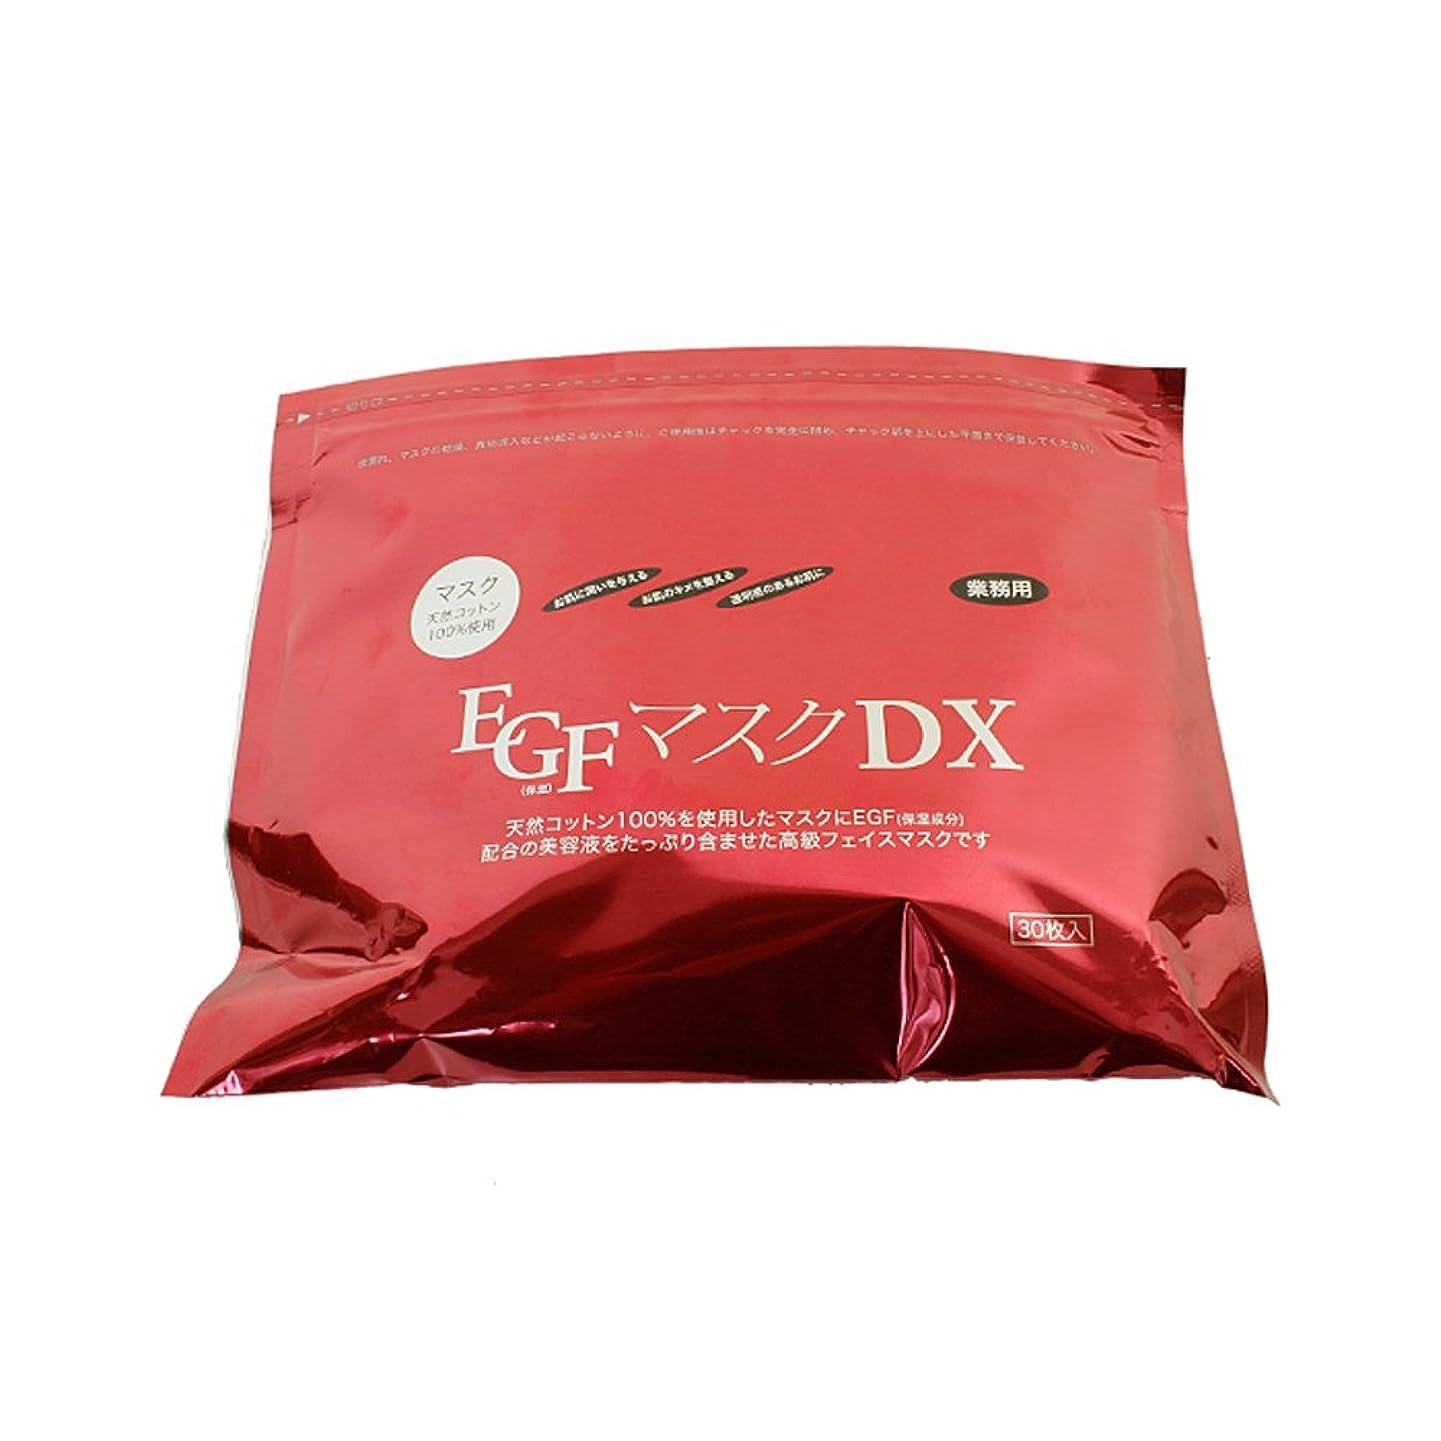 関係ない土器ワーディアンケースEGFマスクDX 30枚×4袋